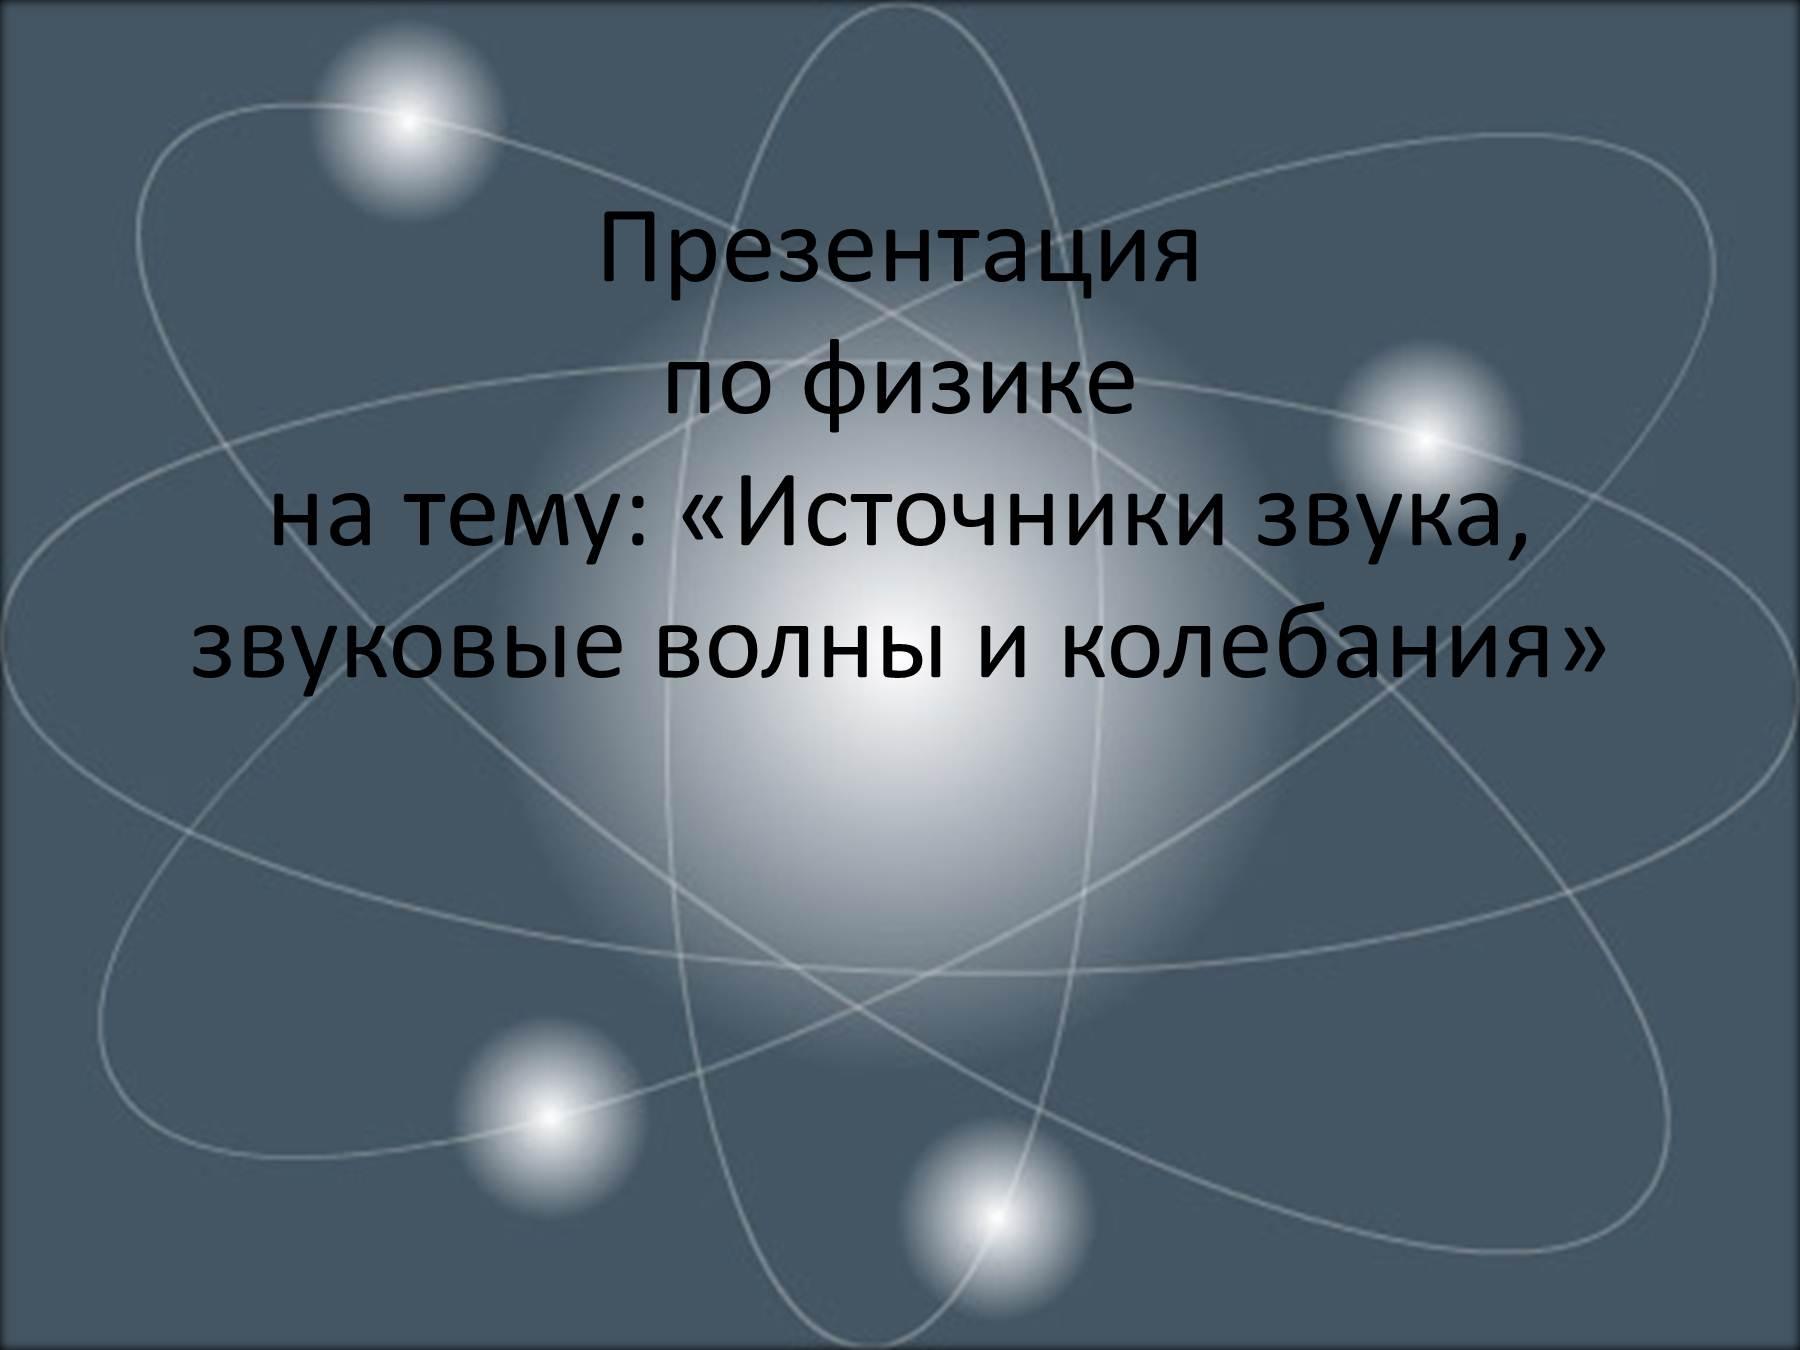 звук по физике презентация